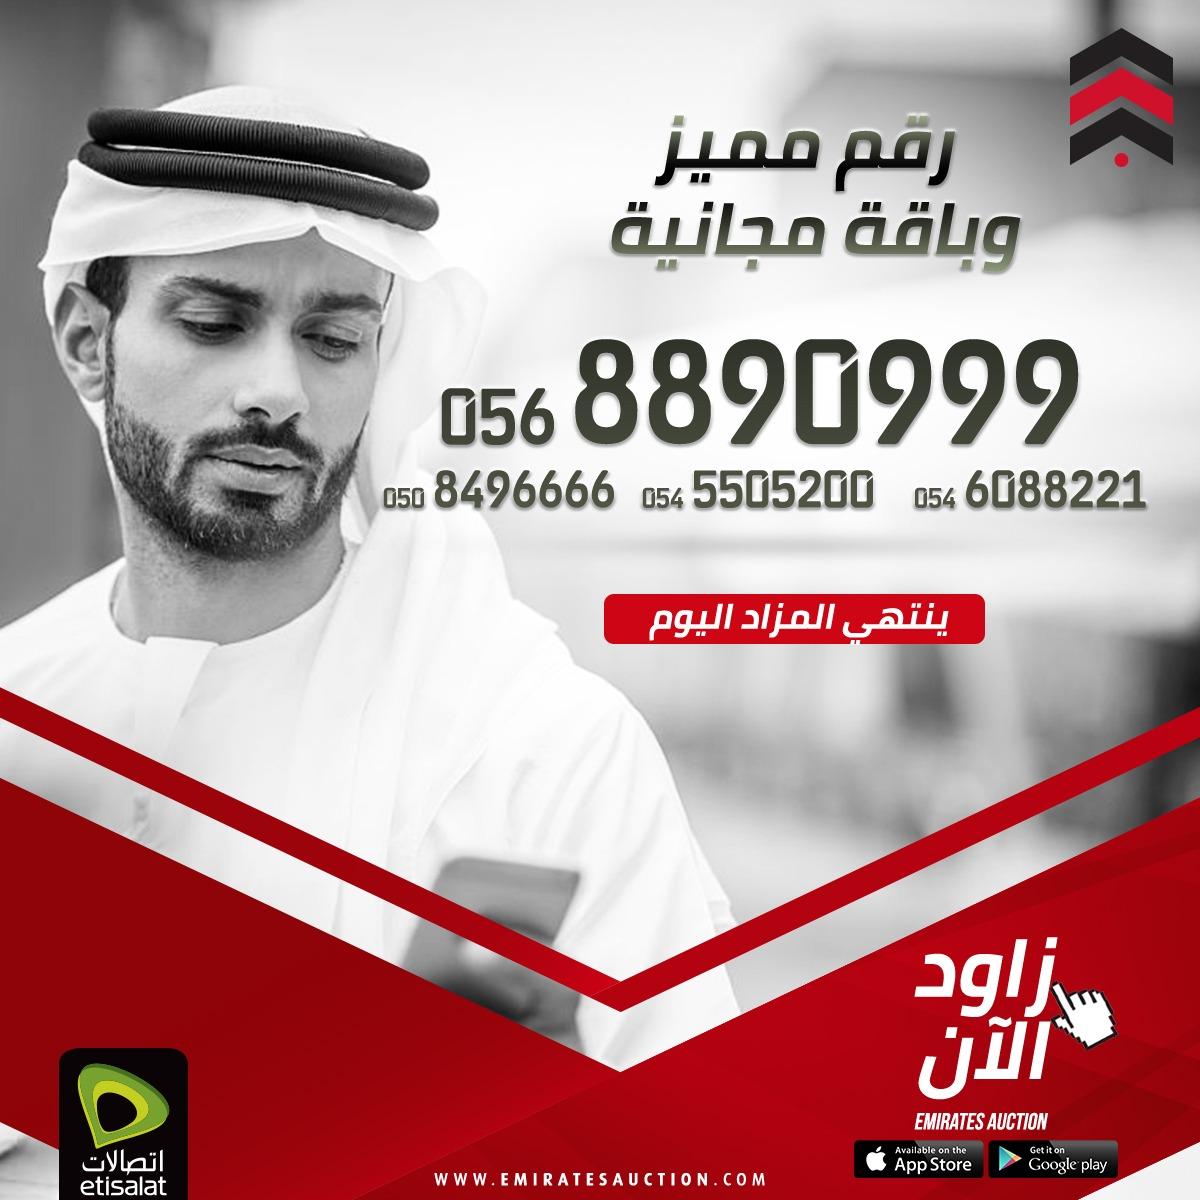 لا تفوت الفرصة الأخيرة للحصول على رقمك المميز من إتصالات قبل انتهاء المزاد اليوم في الساعة 8:10 مساءً! بادر بزيارة موقعنا أو حمل التطبيق لبدء المزايدة. الرابط في صفحتنا  #EmiratesAuction #UAE #Cars #Luxury#ReadySetAuction #Etisalat#vipnumbers #etisalat_numberspic.twitter.com/AklXErNmXH